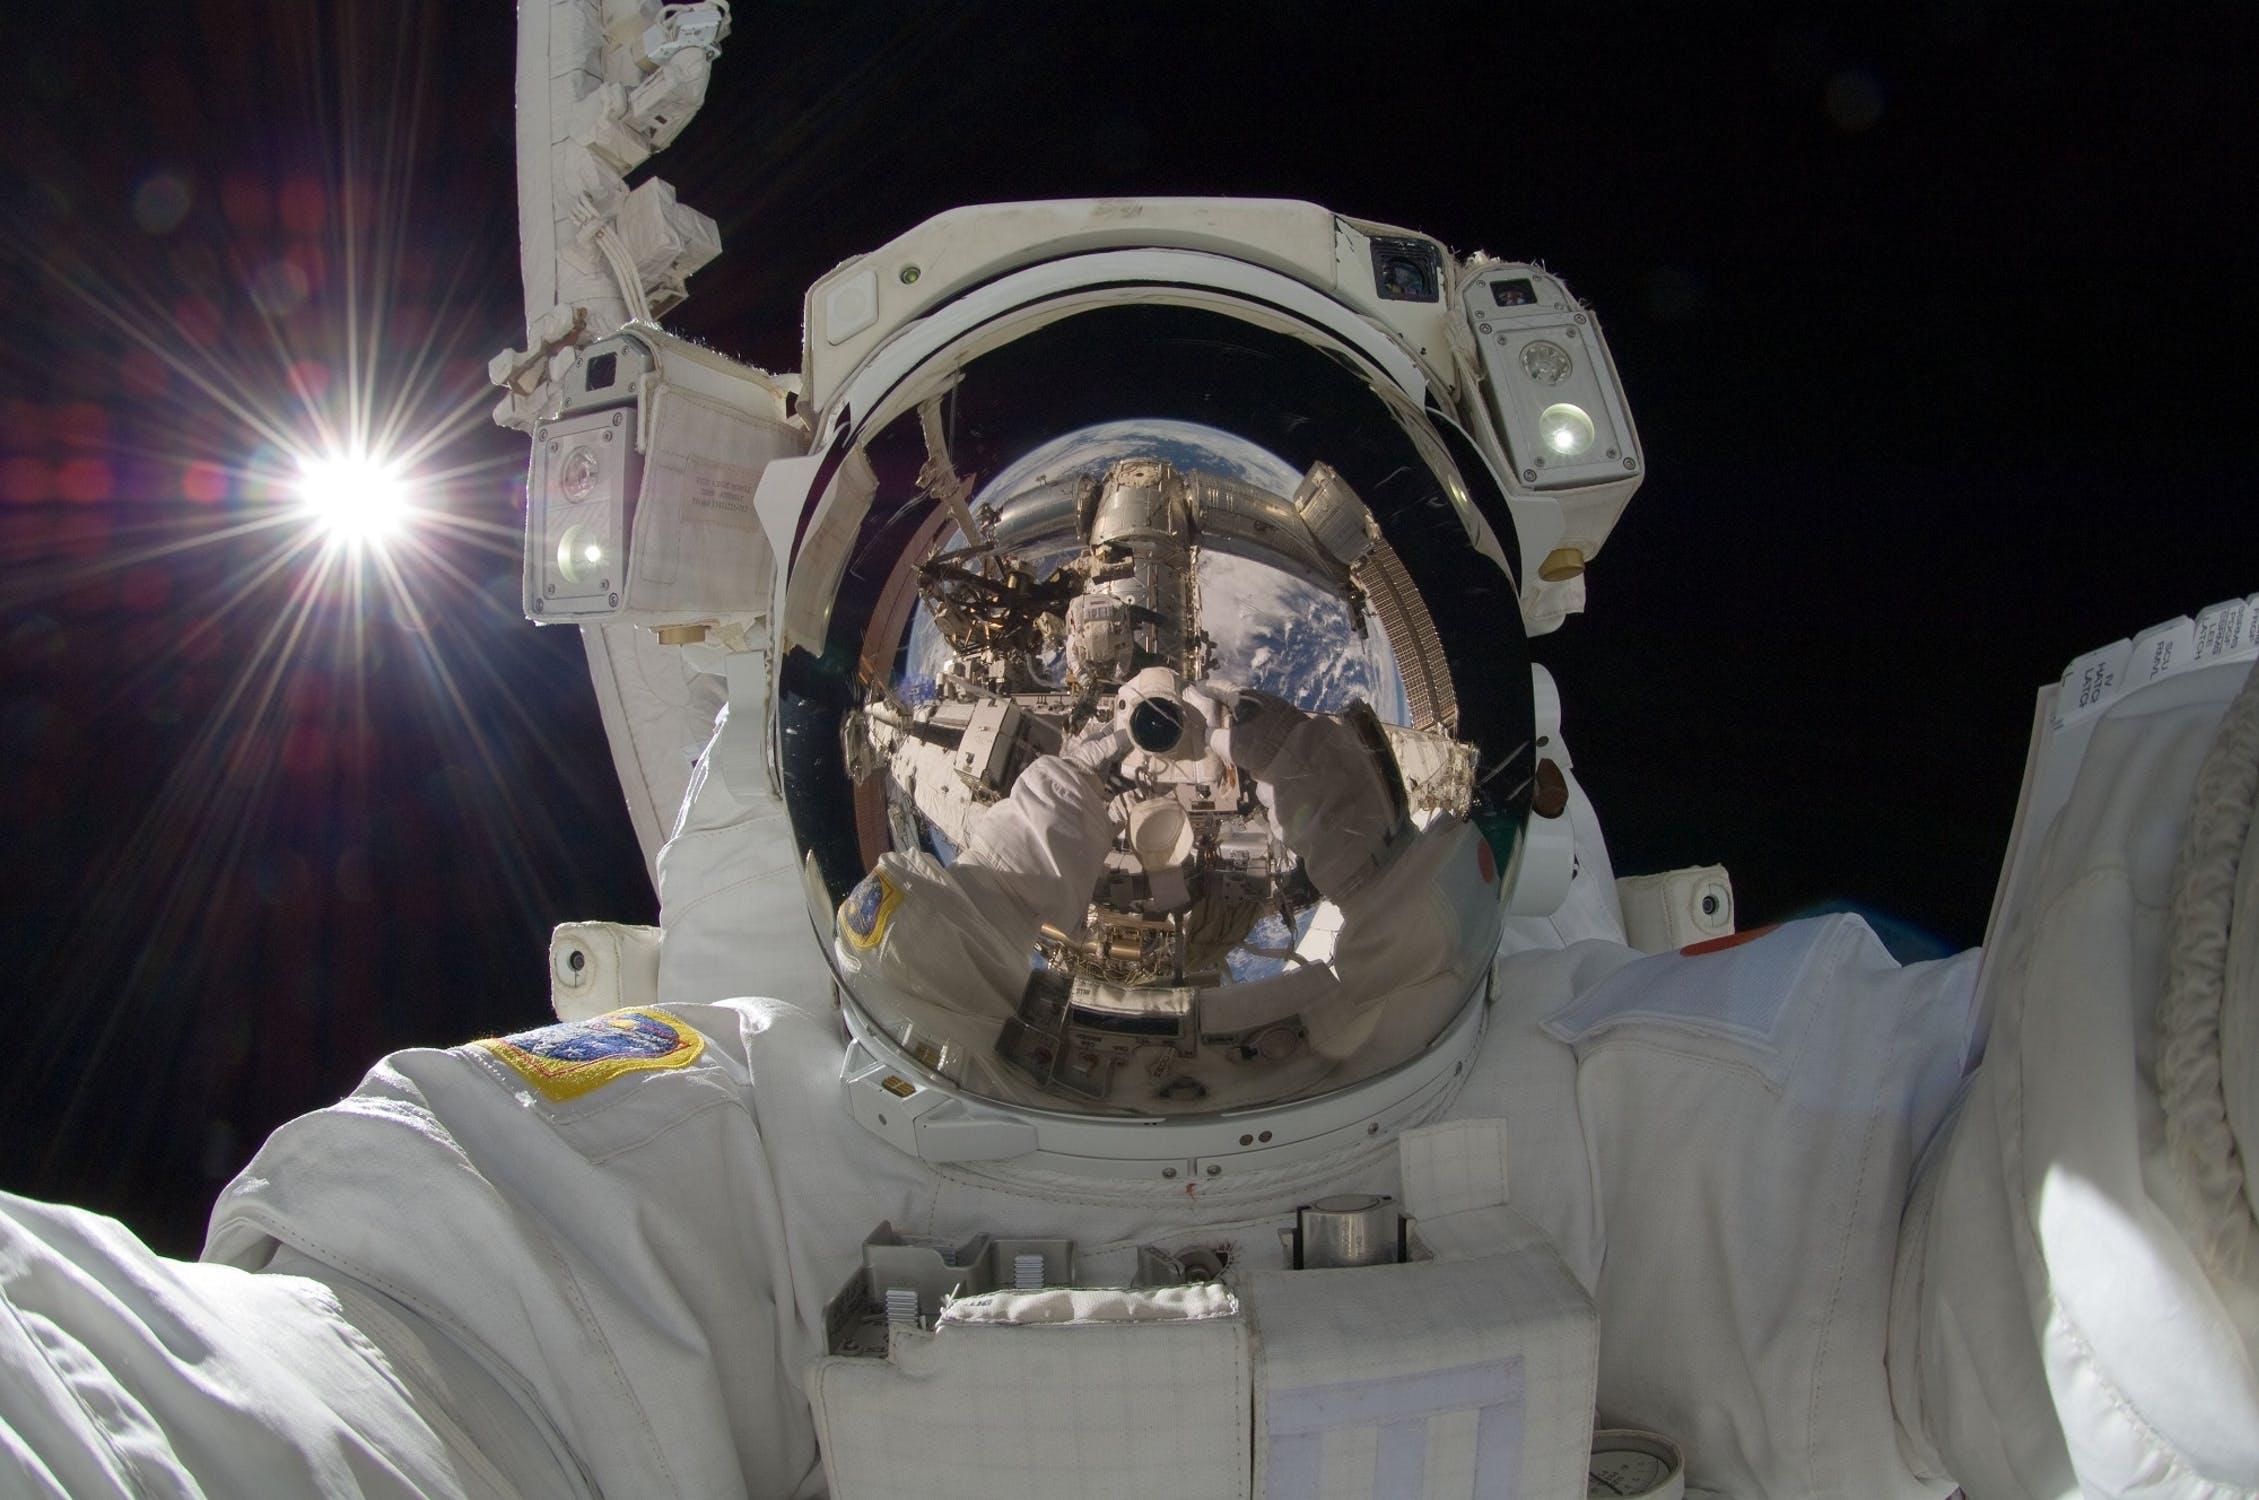 Mondkolonie: Gibt es ab 2028 Menschen und Internet auf dem Mond?